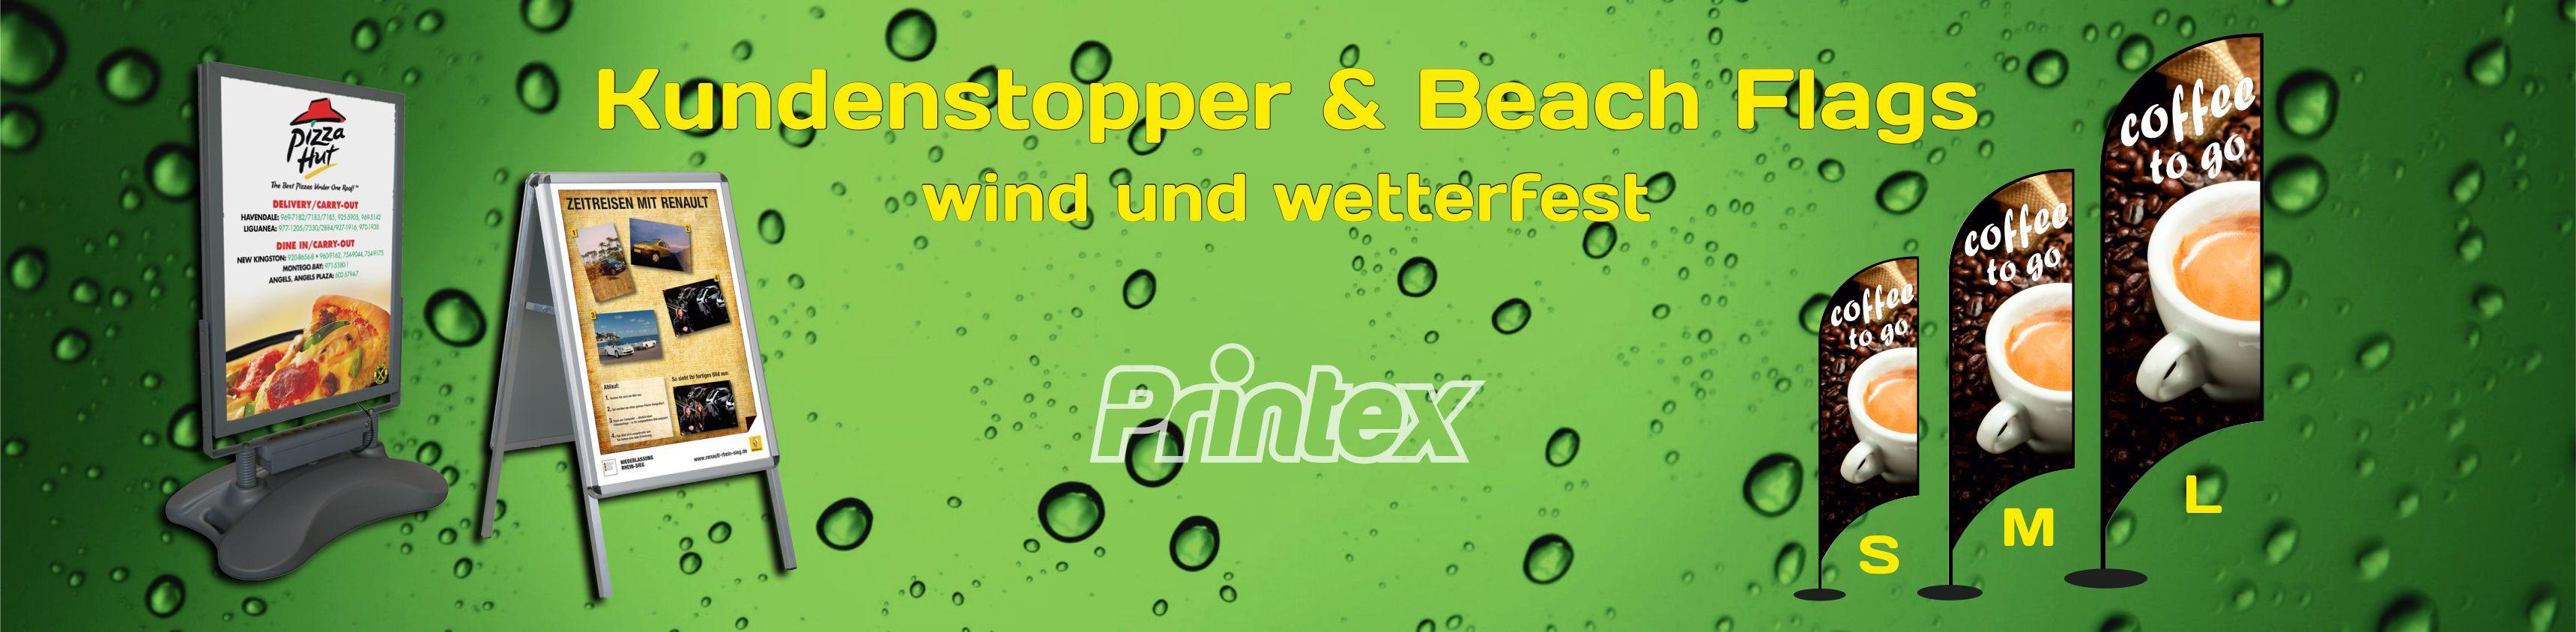 Kundenstopper_beachflags1